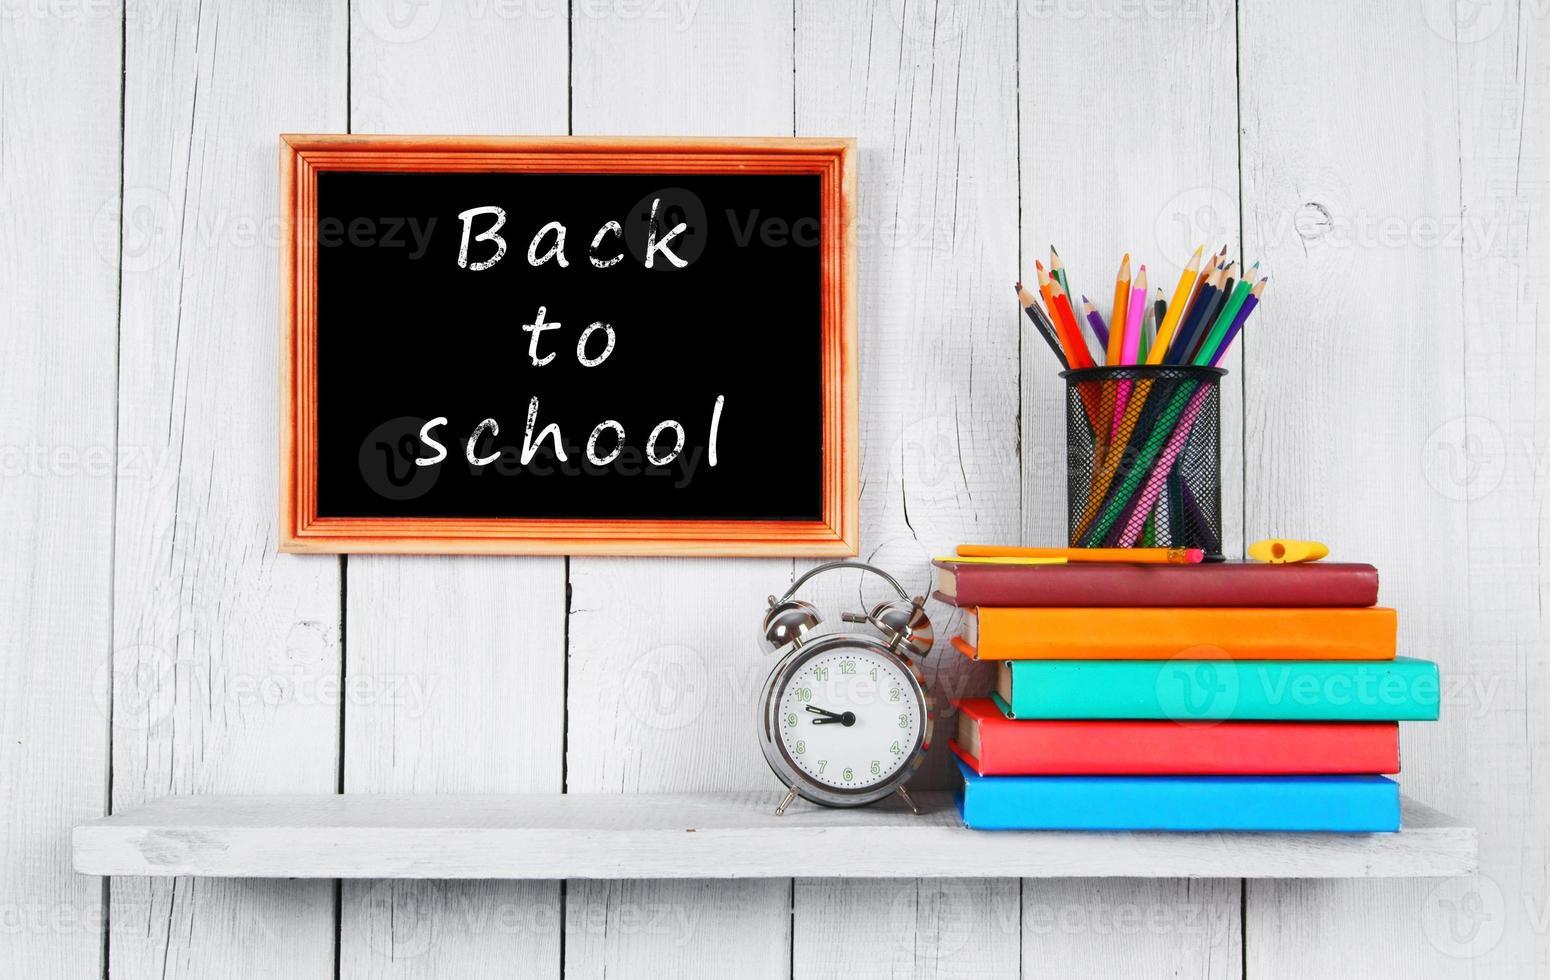 retour à l'école. Cadre. livres et outils scolaires. photo